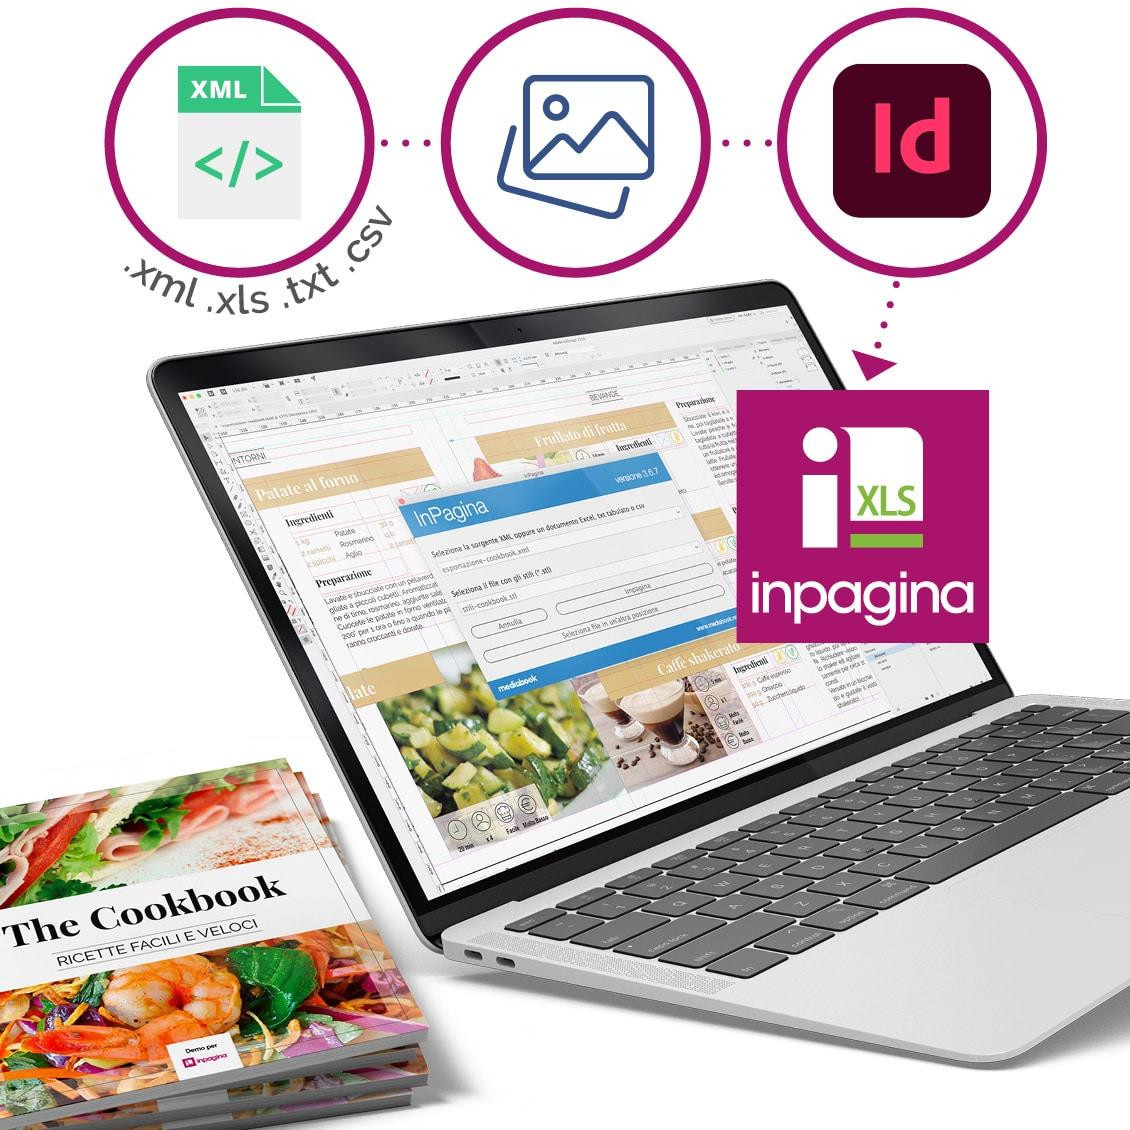 InPagina - impaginazione automatica con InDesign e dati XML